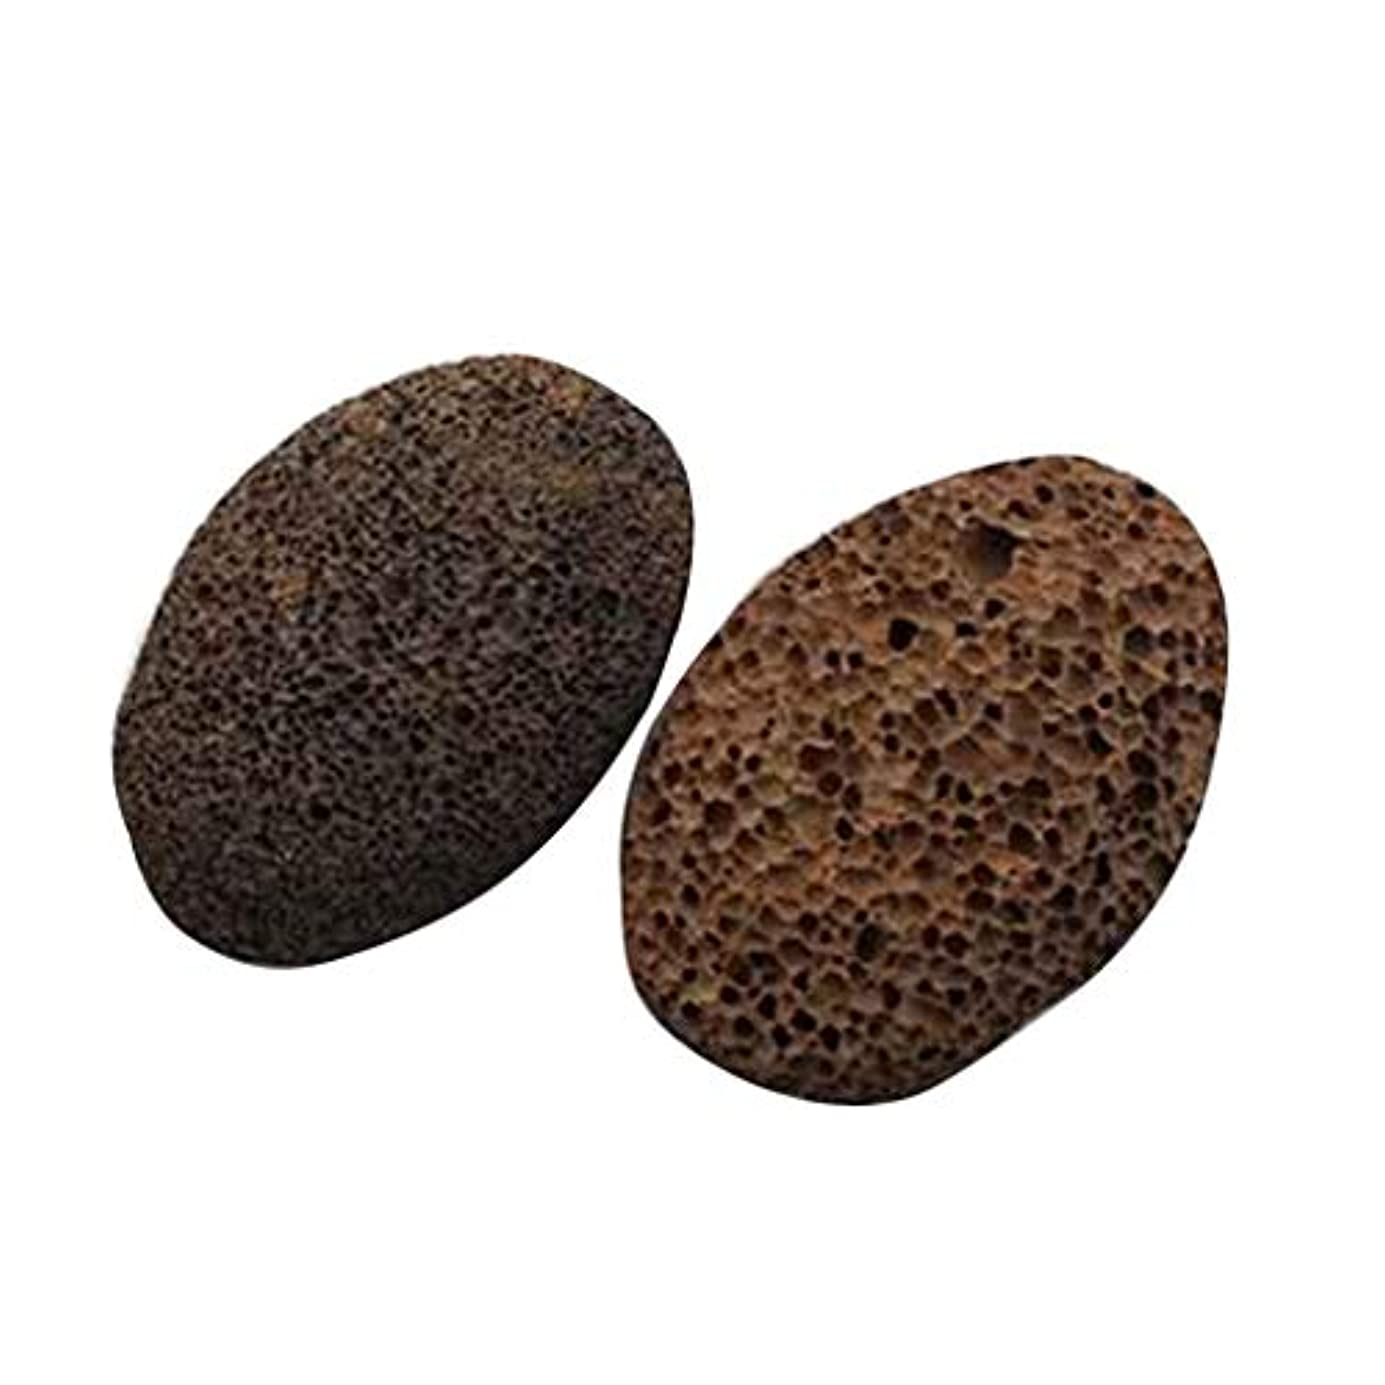 足首批判的十分にNerhaily 死んだ皮軽石を取り除き 足石を挽いて 自然の火山石を剥がします 足マッサージ石 ワイプ足石 2個セット